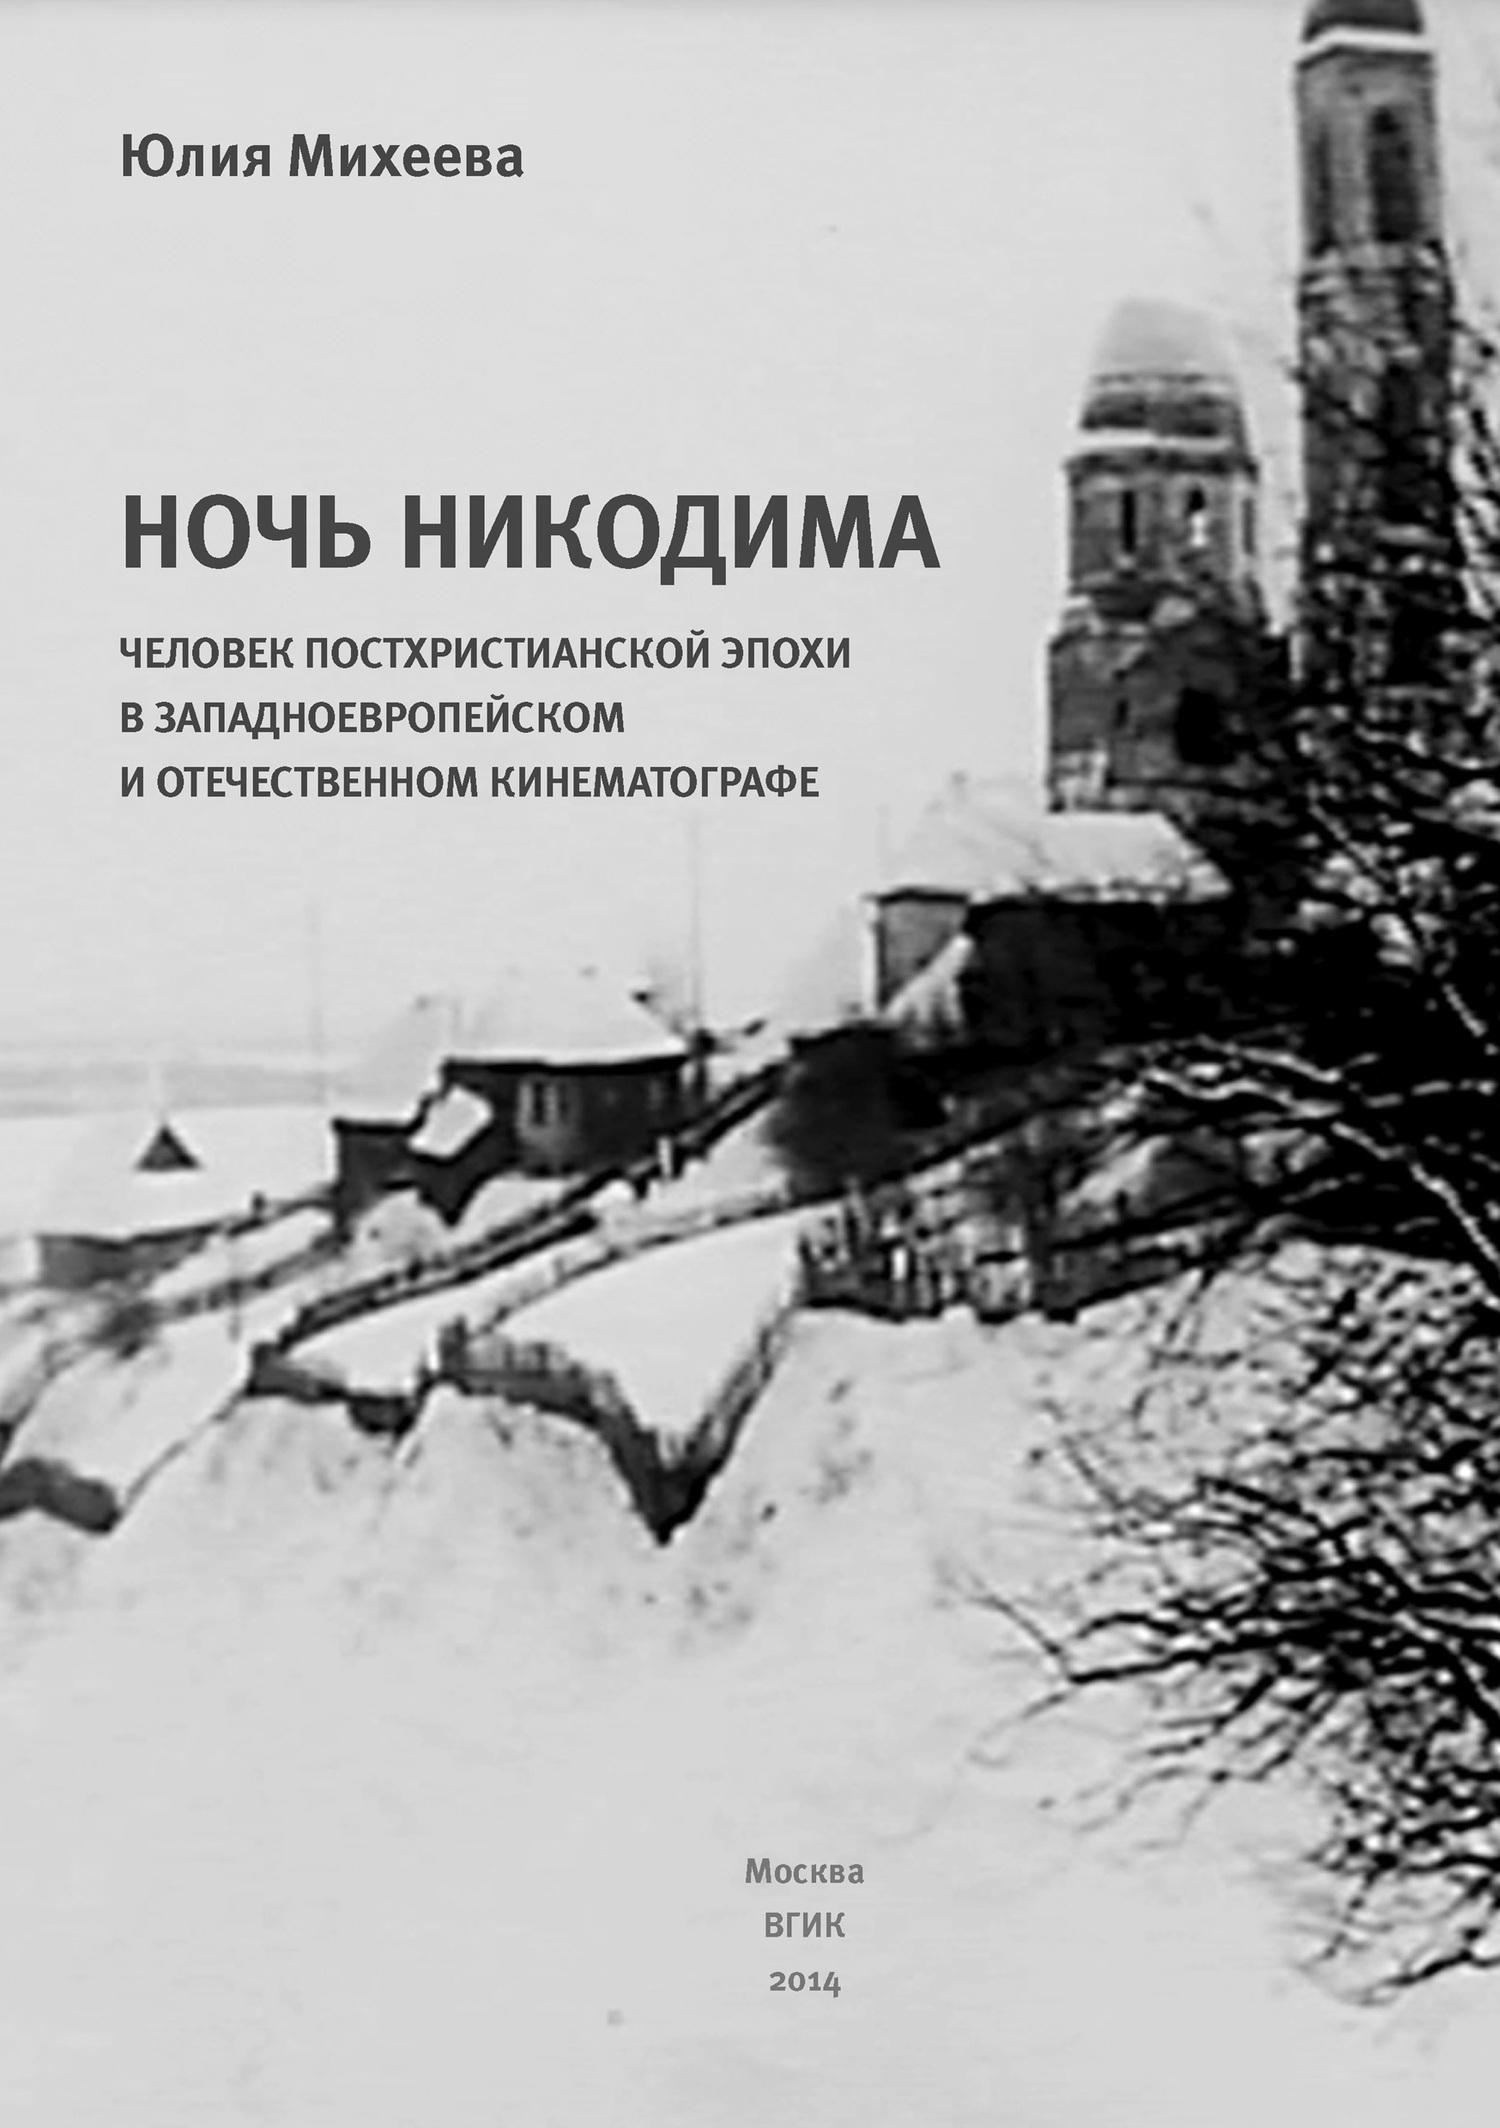 Юлия Михеева - Ночь Никодима: человек постхристианской эпохи в западноевропейском и отечественном кинематографе